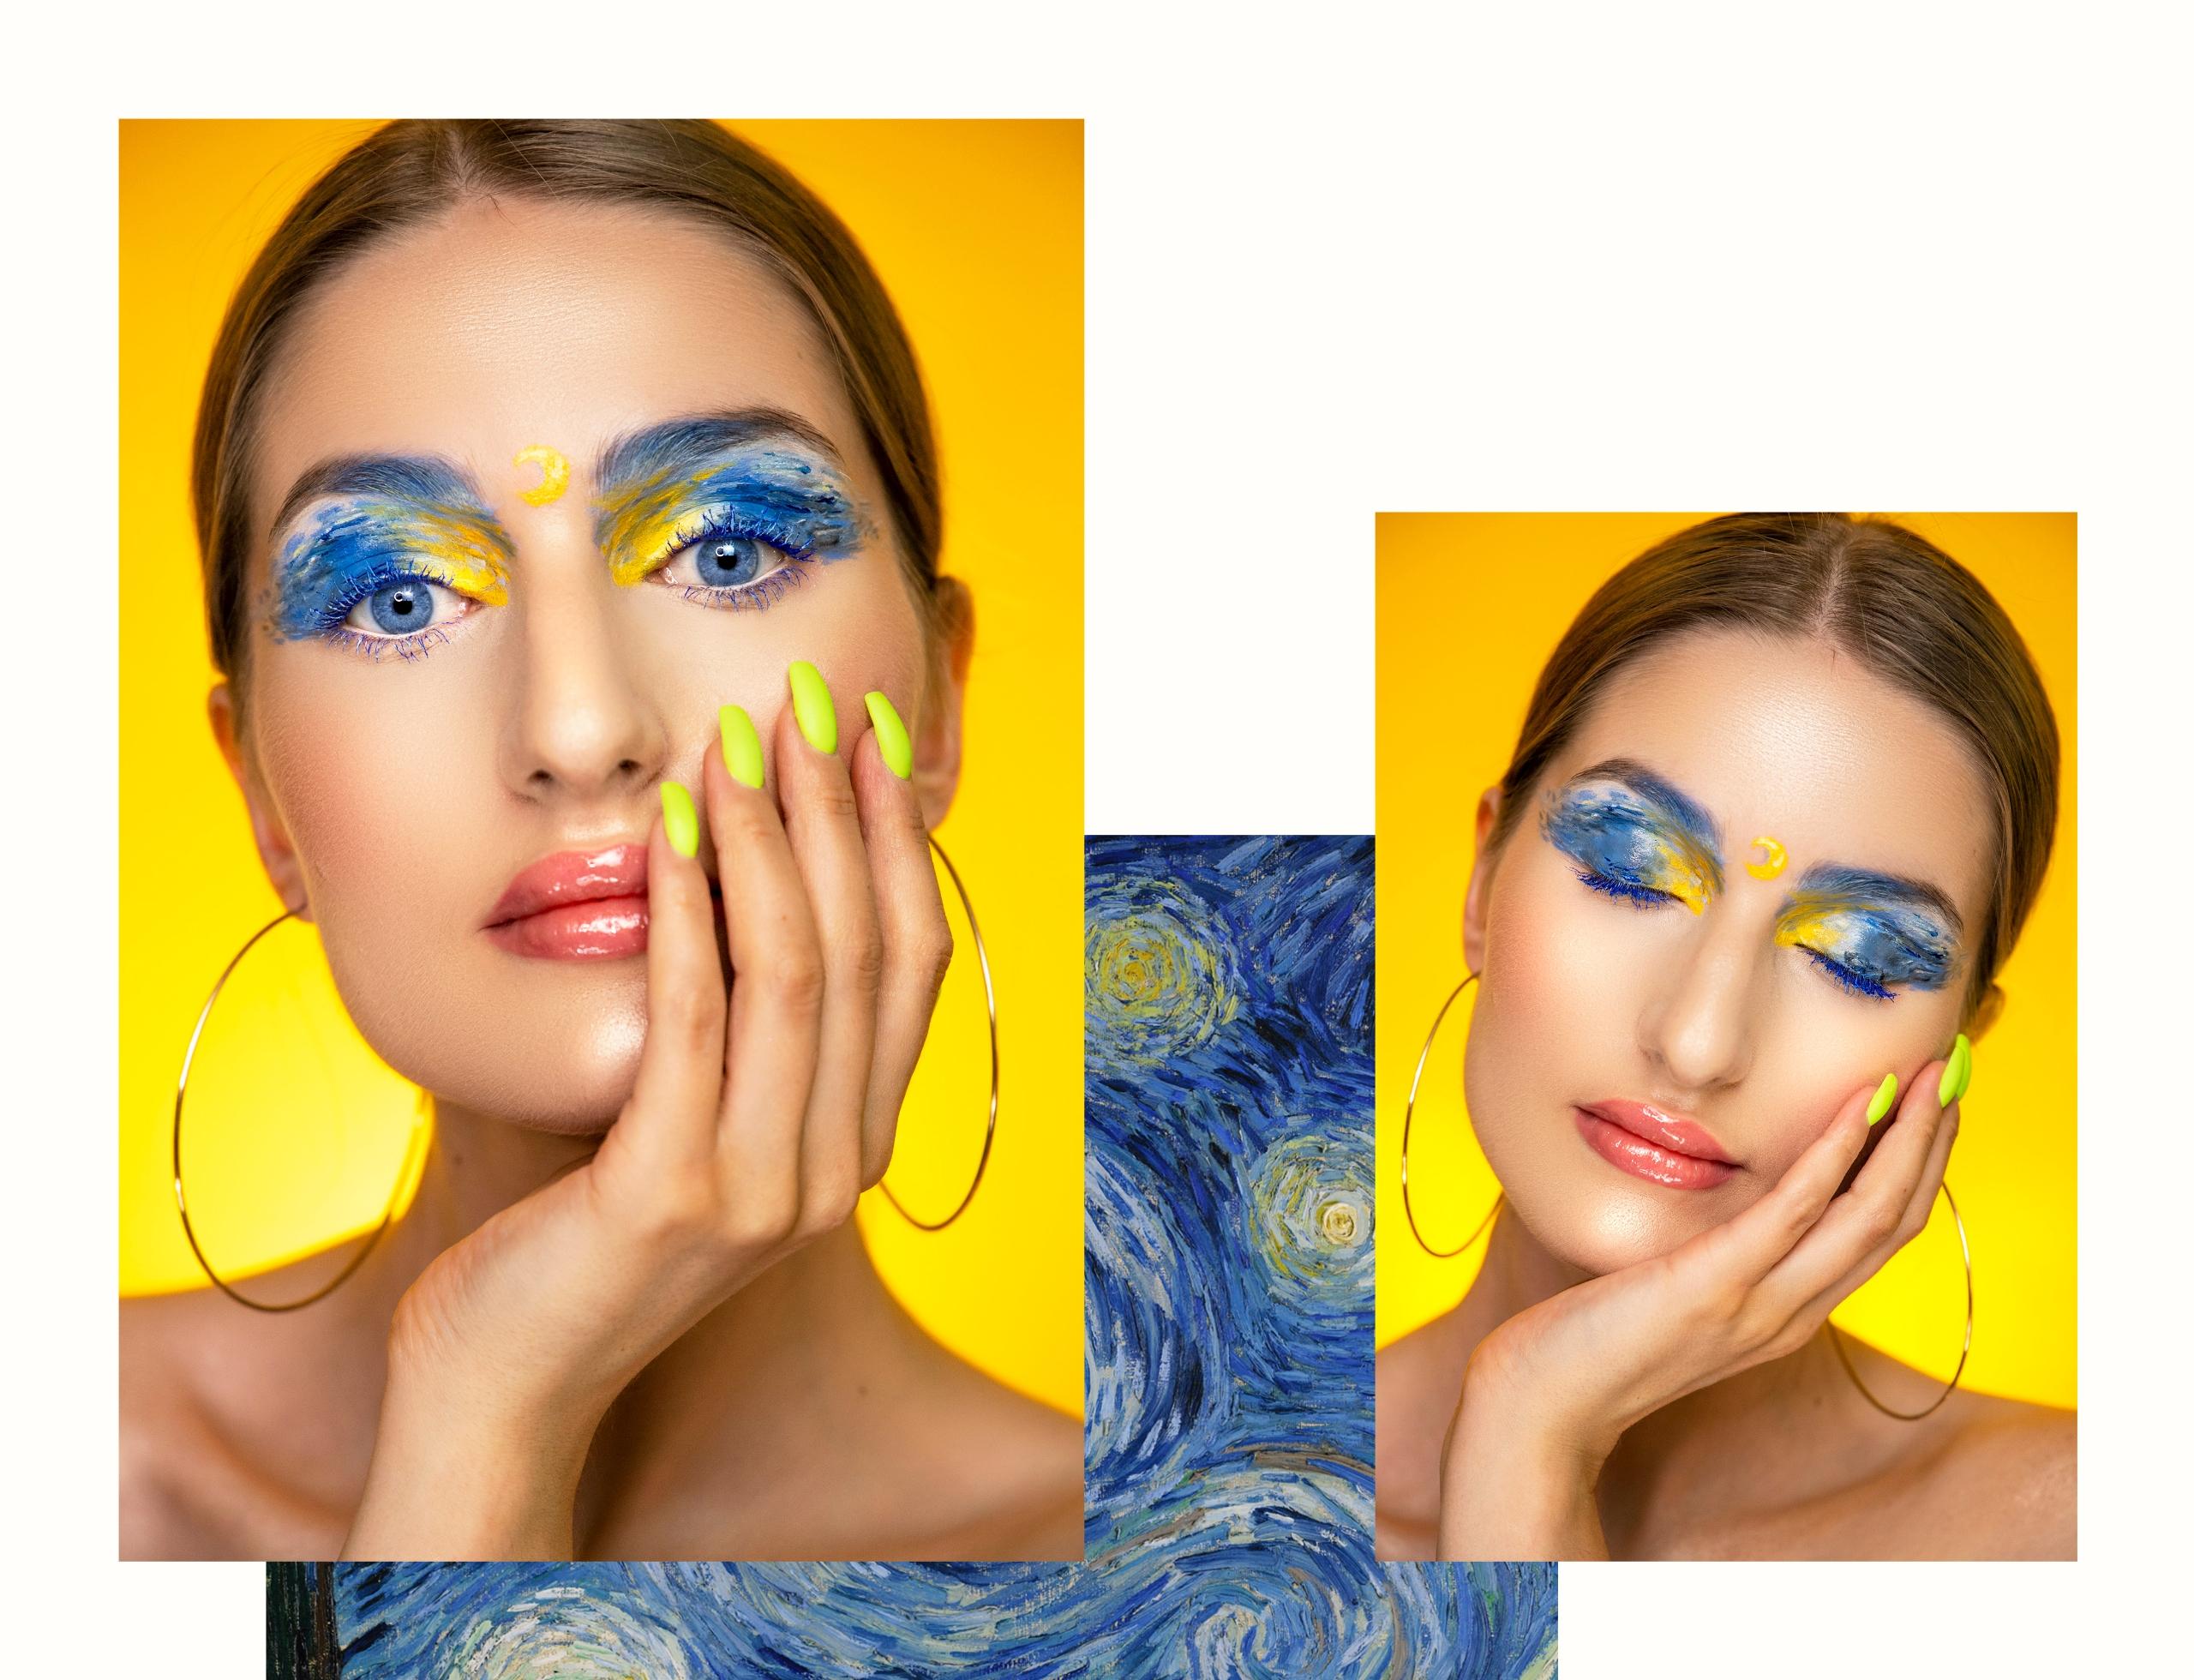 Obraz przedstawia dwa zdjęcia portretowe kobiety w artystycznym makijażu na żółtym tle. Całość na białym tle z elementem niebieskiego obrazu.